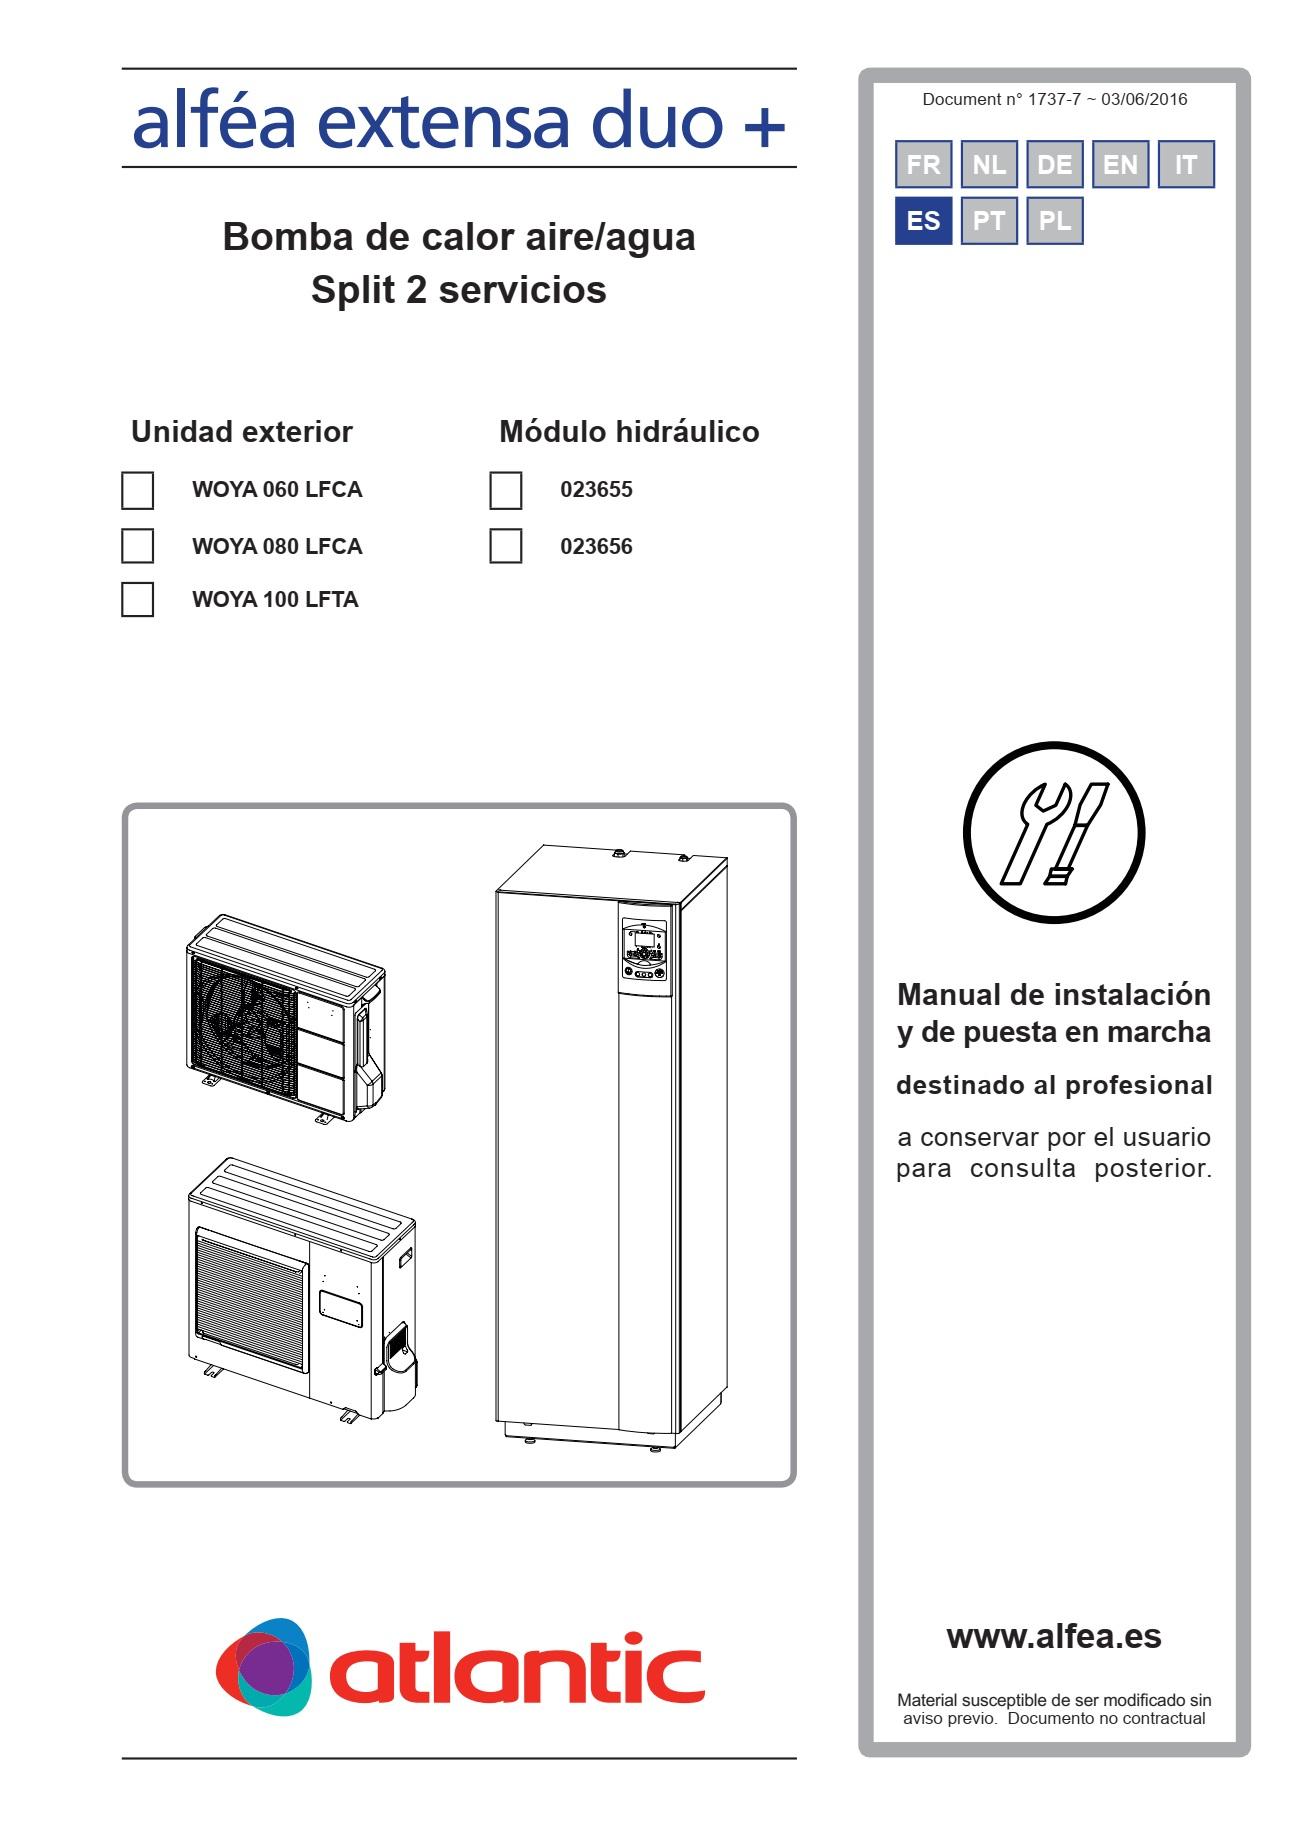 Alfea Extensa Duo Ai - Manual de instalacion